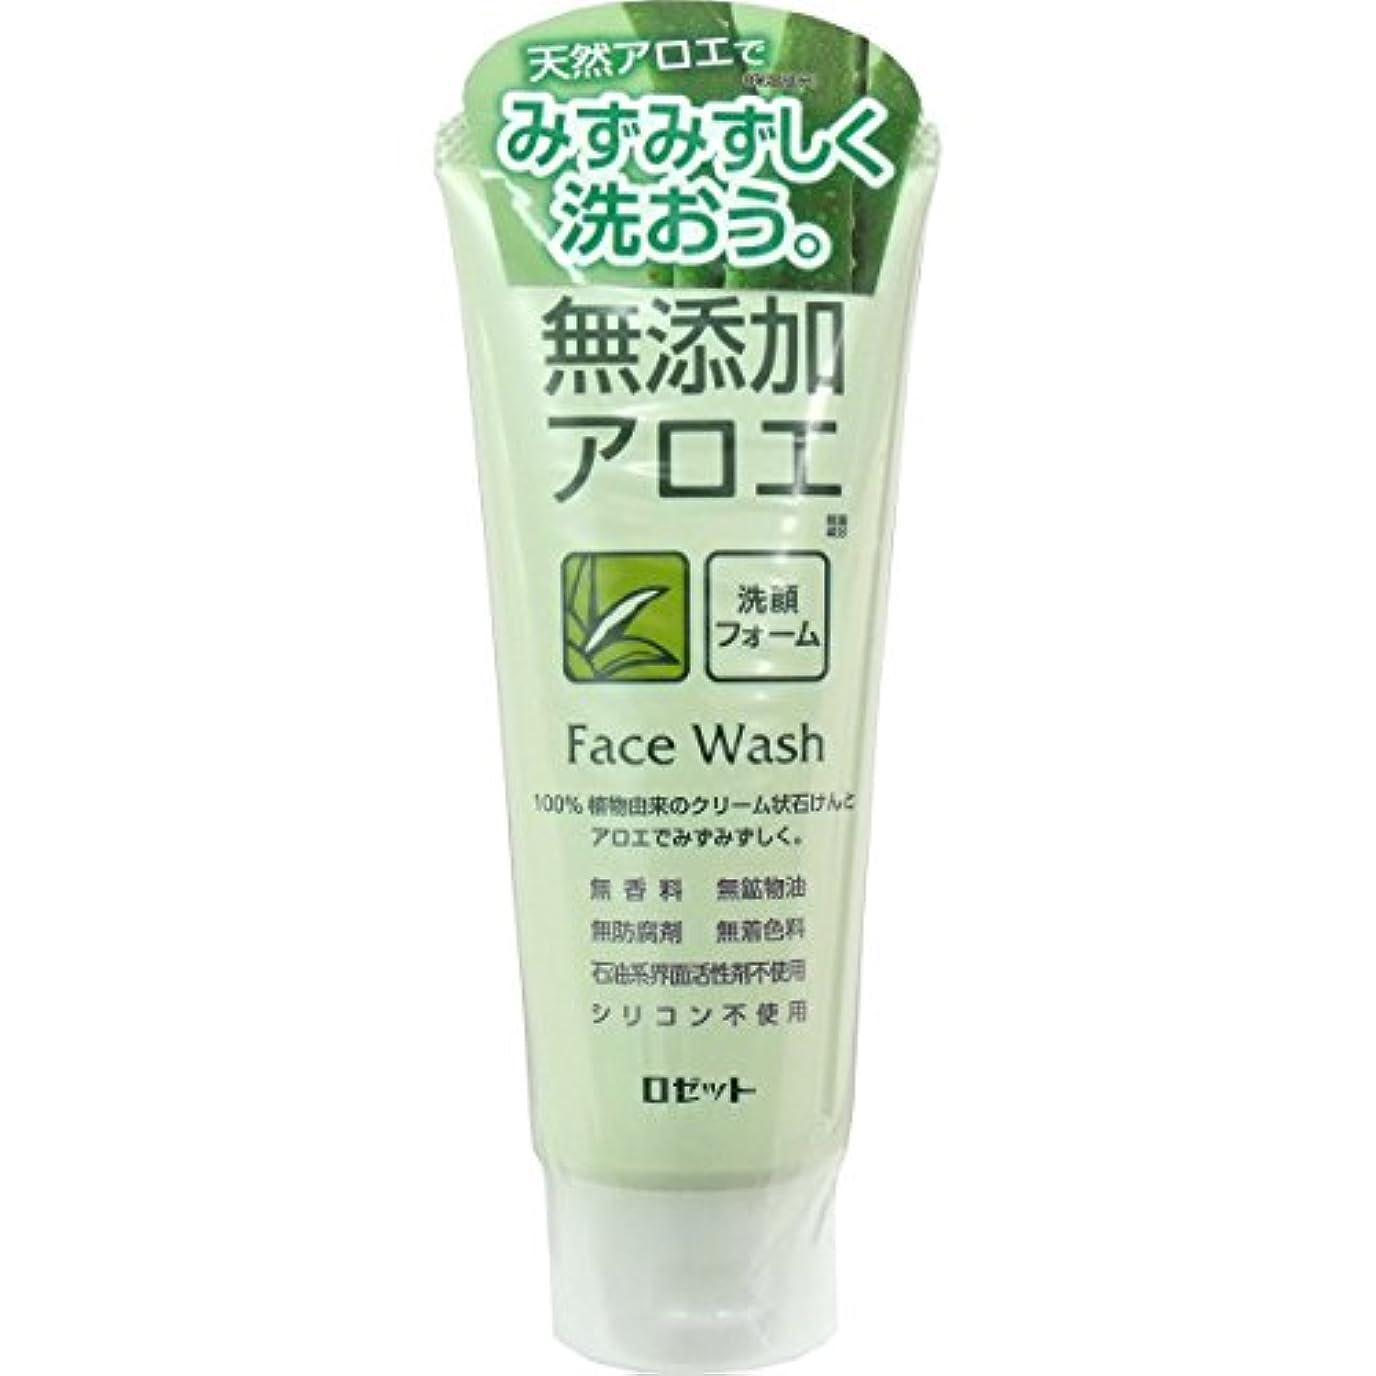 ビジターメジャー入口【ロゼット】無添加アロエ 洗顔フォーム 140g ×5個セット